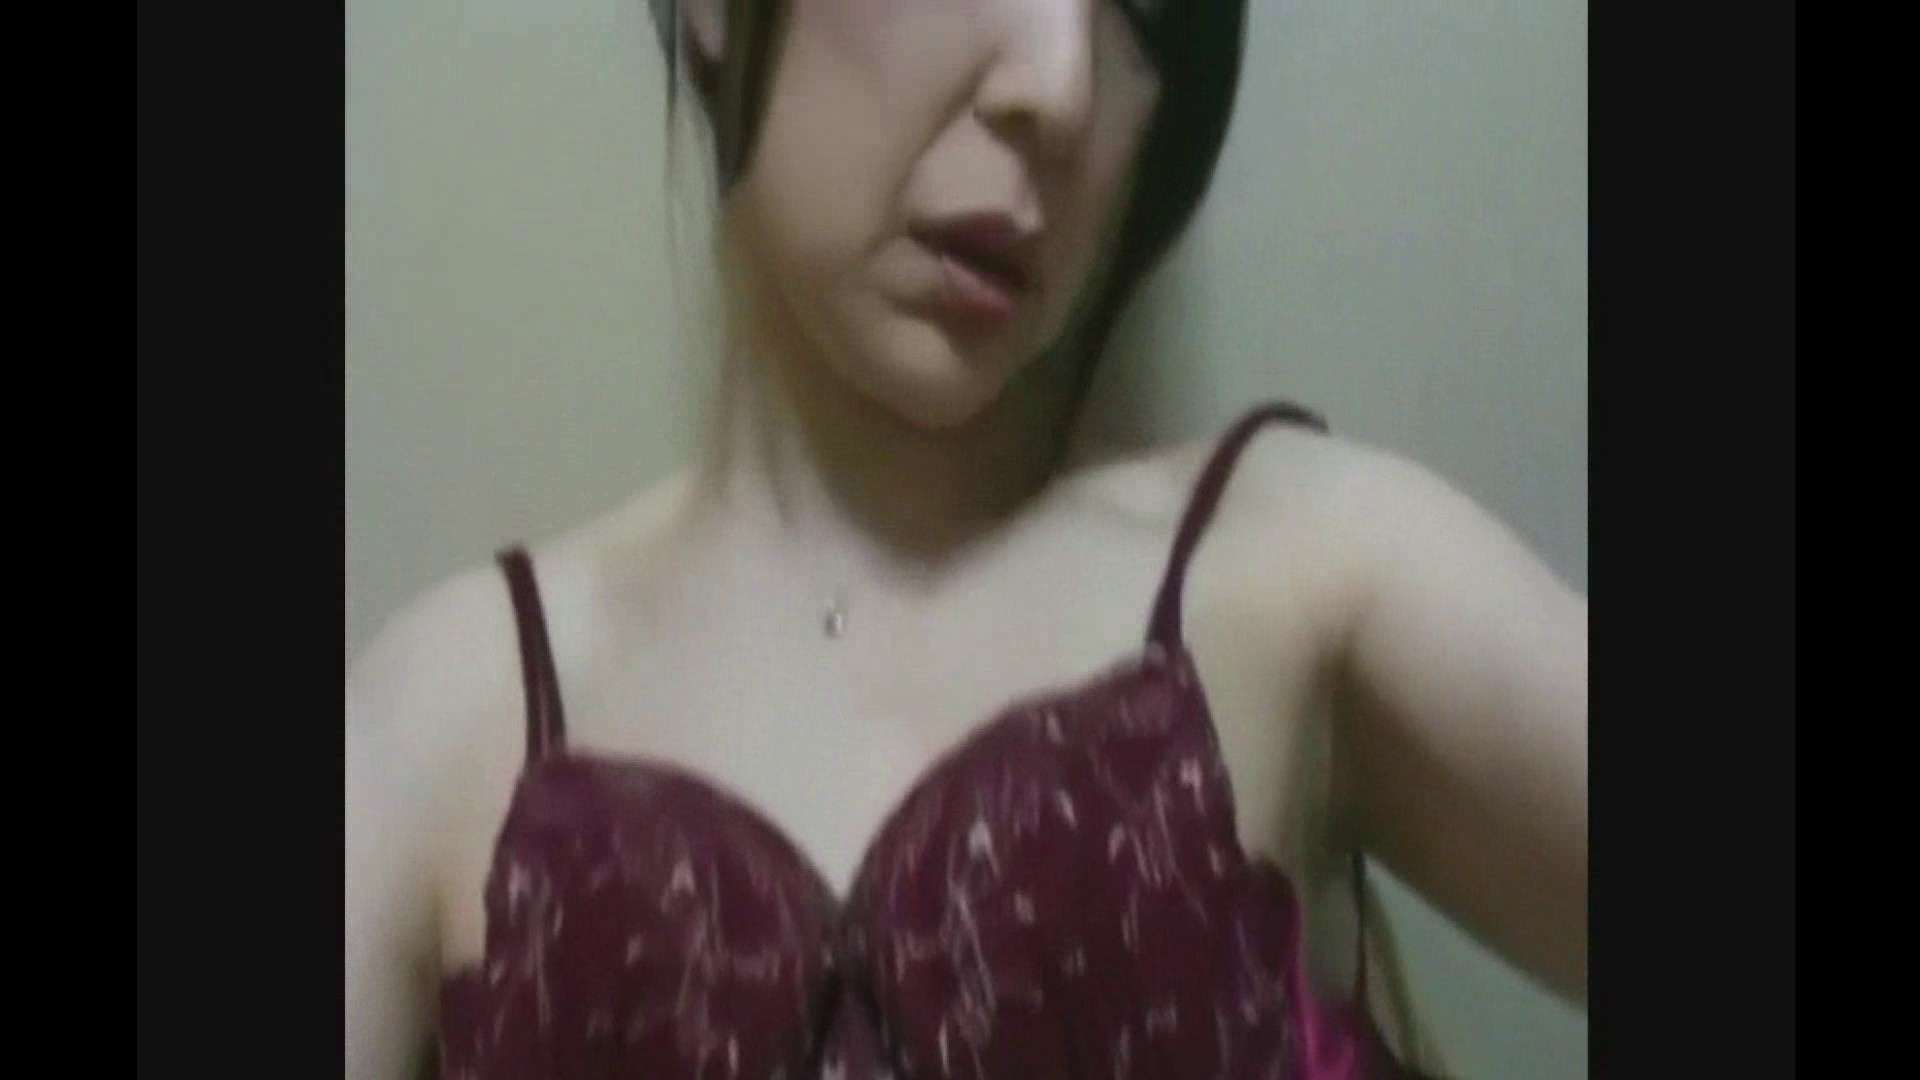 淫乱オナニー百花繚乱 Vol.01 熟女のエロ生活  69連発 36